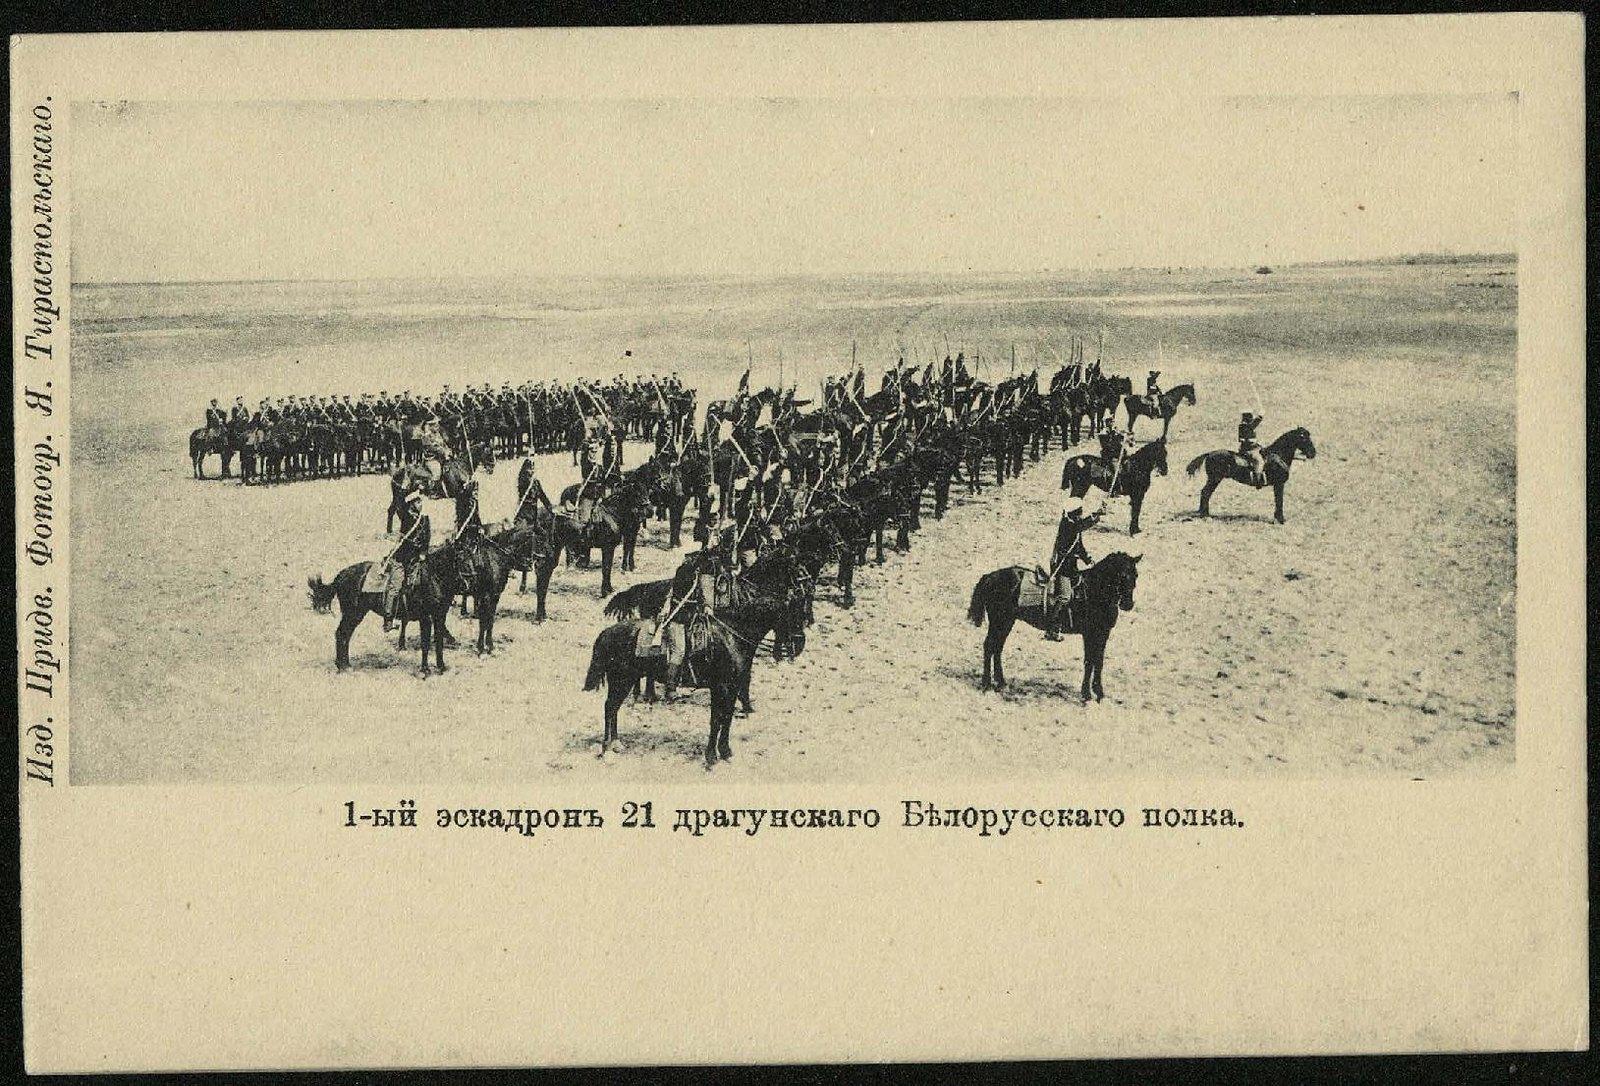 1-ый эскадрон 21 драгунского Белорусского полка